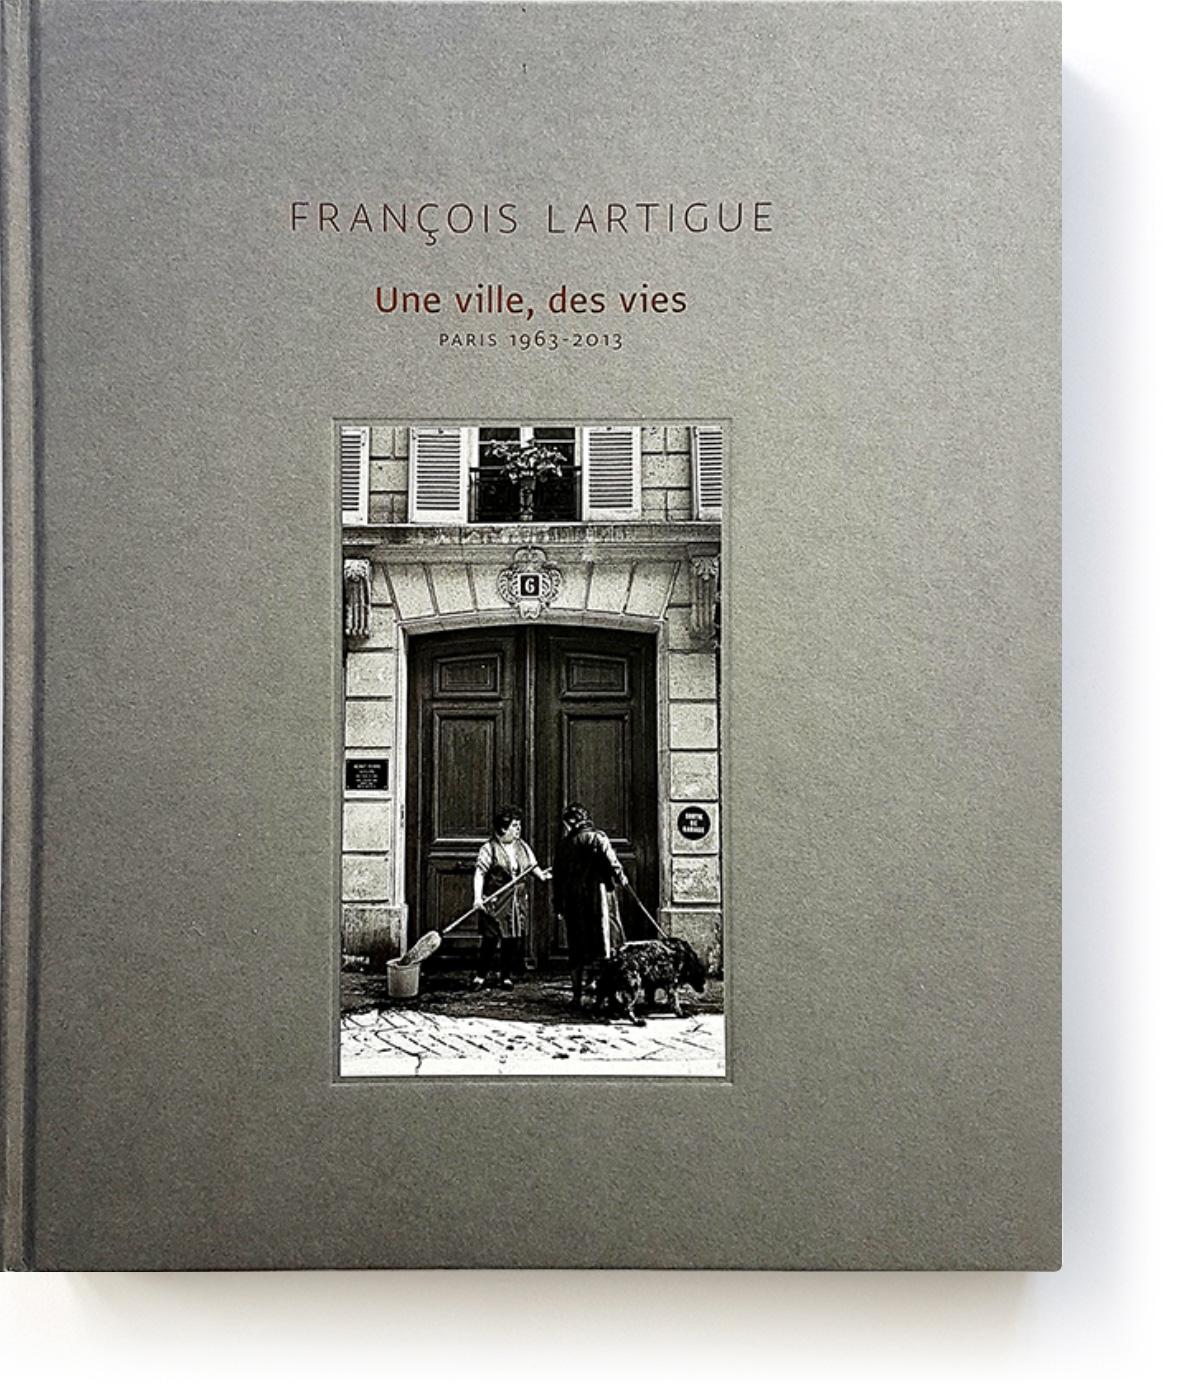 François Lartigue - Une ville, des vies - Paris, 1963-2013. Auteur François Lartigue